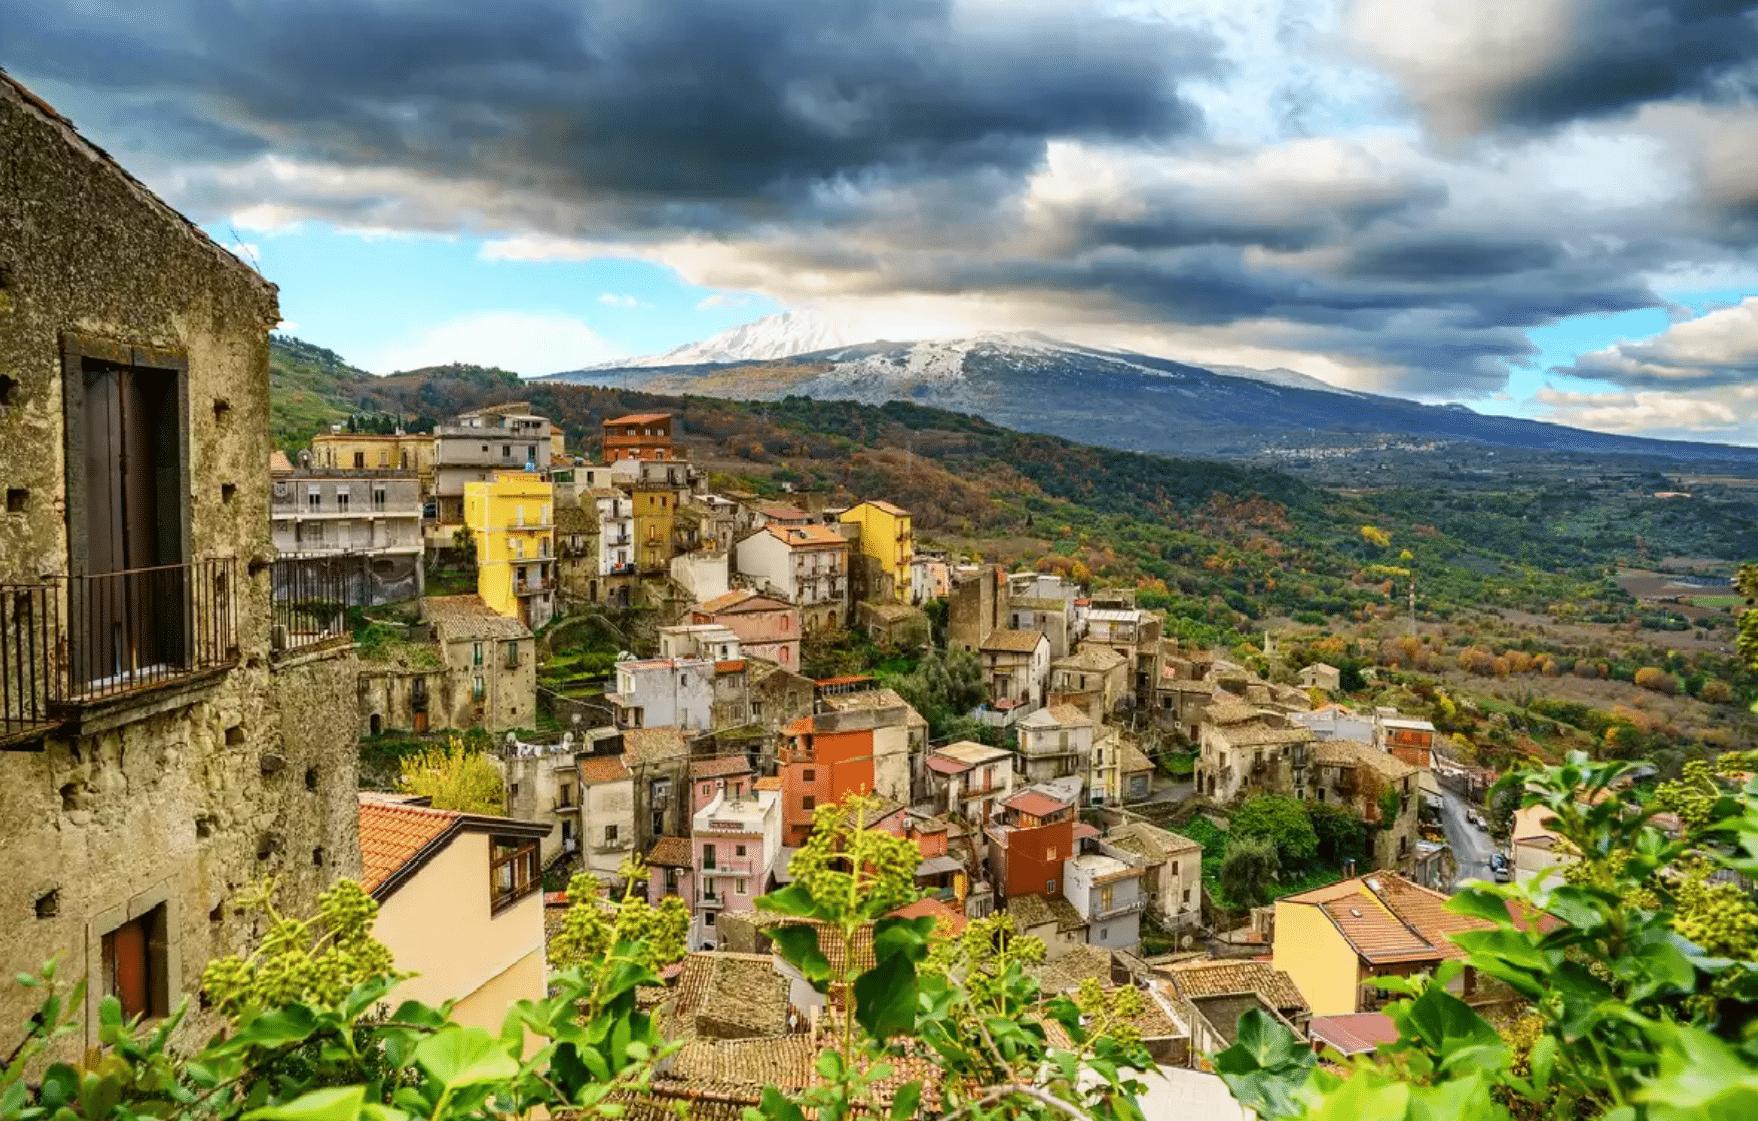 village italien maison un euro 1€ sicile etna castiglione di sicilia